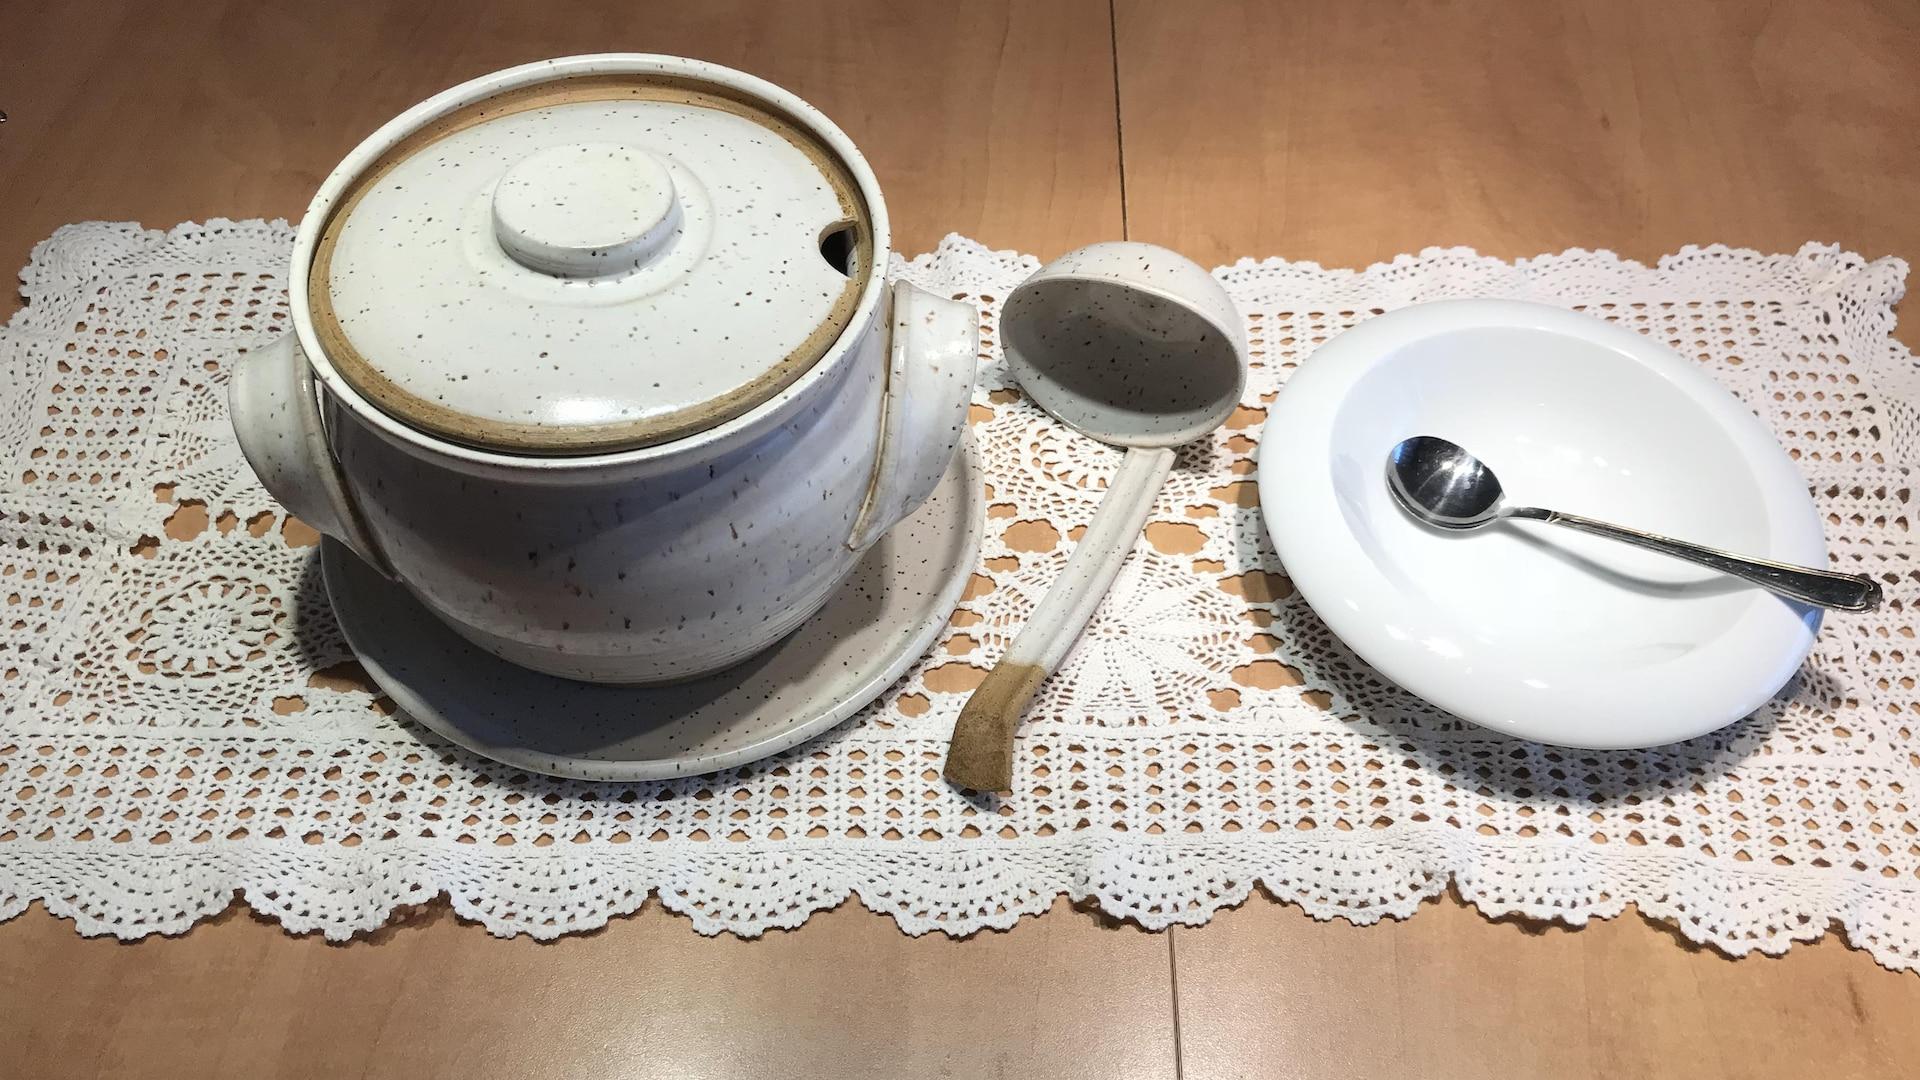 Sur la table, une soupière avec sa louche et un plat à soupe